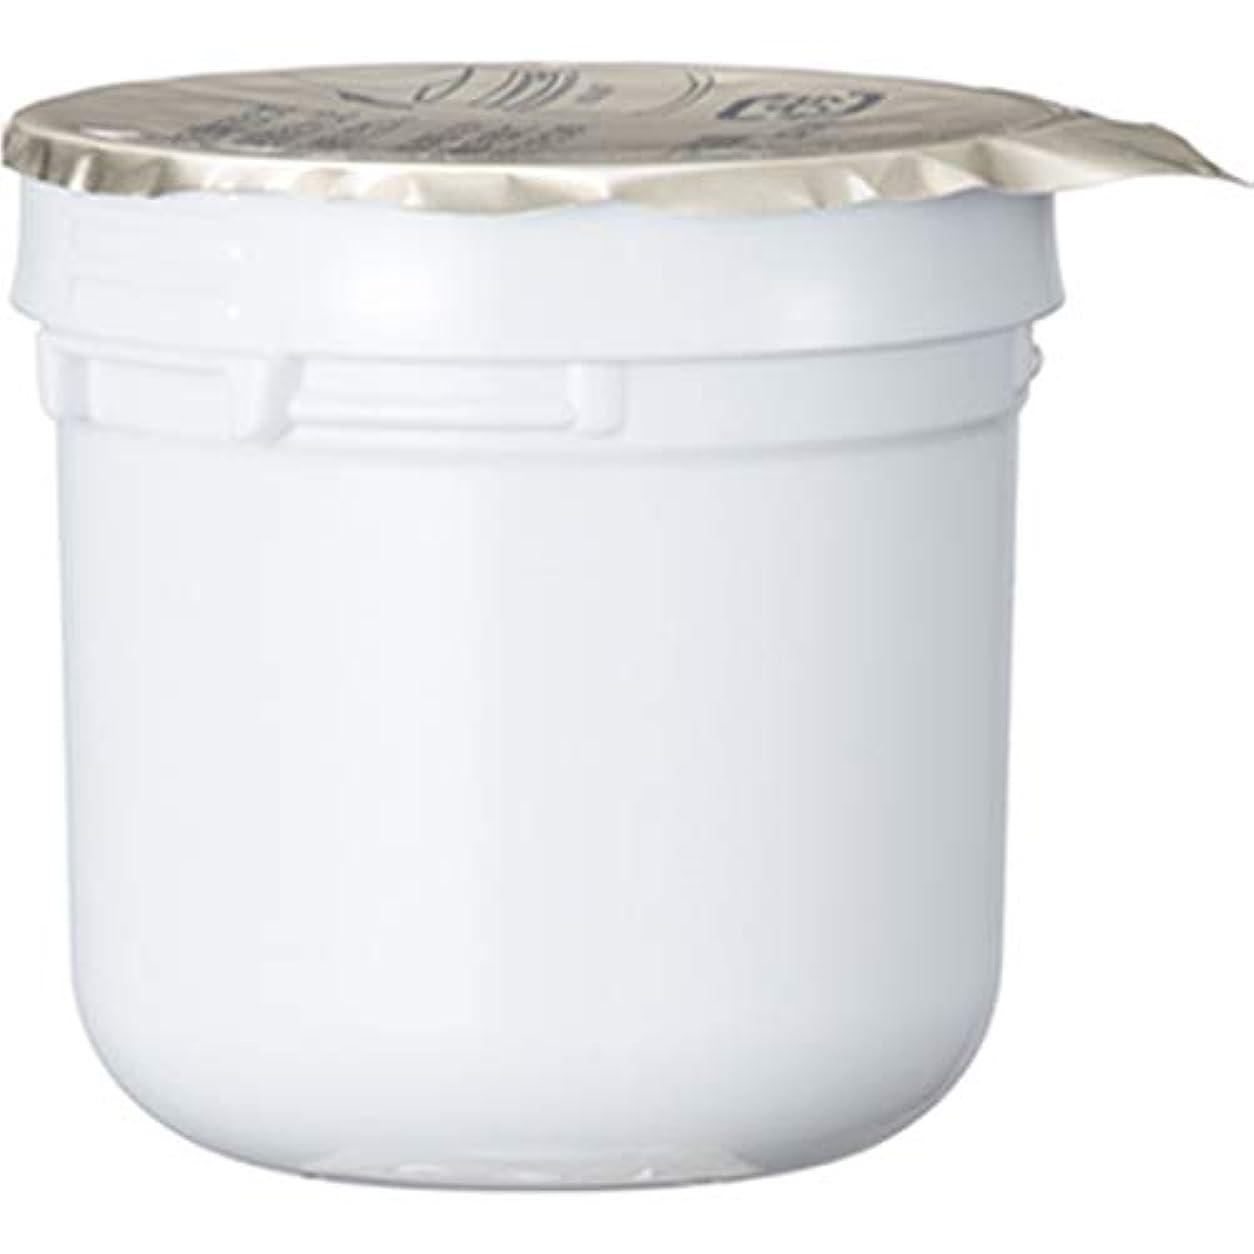 今後サイトライントレースASTALIFT(アスタリフト) ホワイト クリーム(美白クリーム)レフィル 30g [並行輸入品]